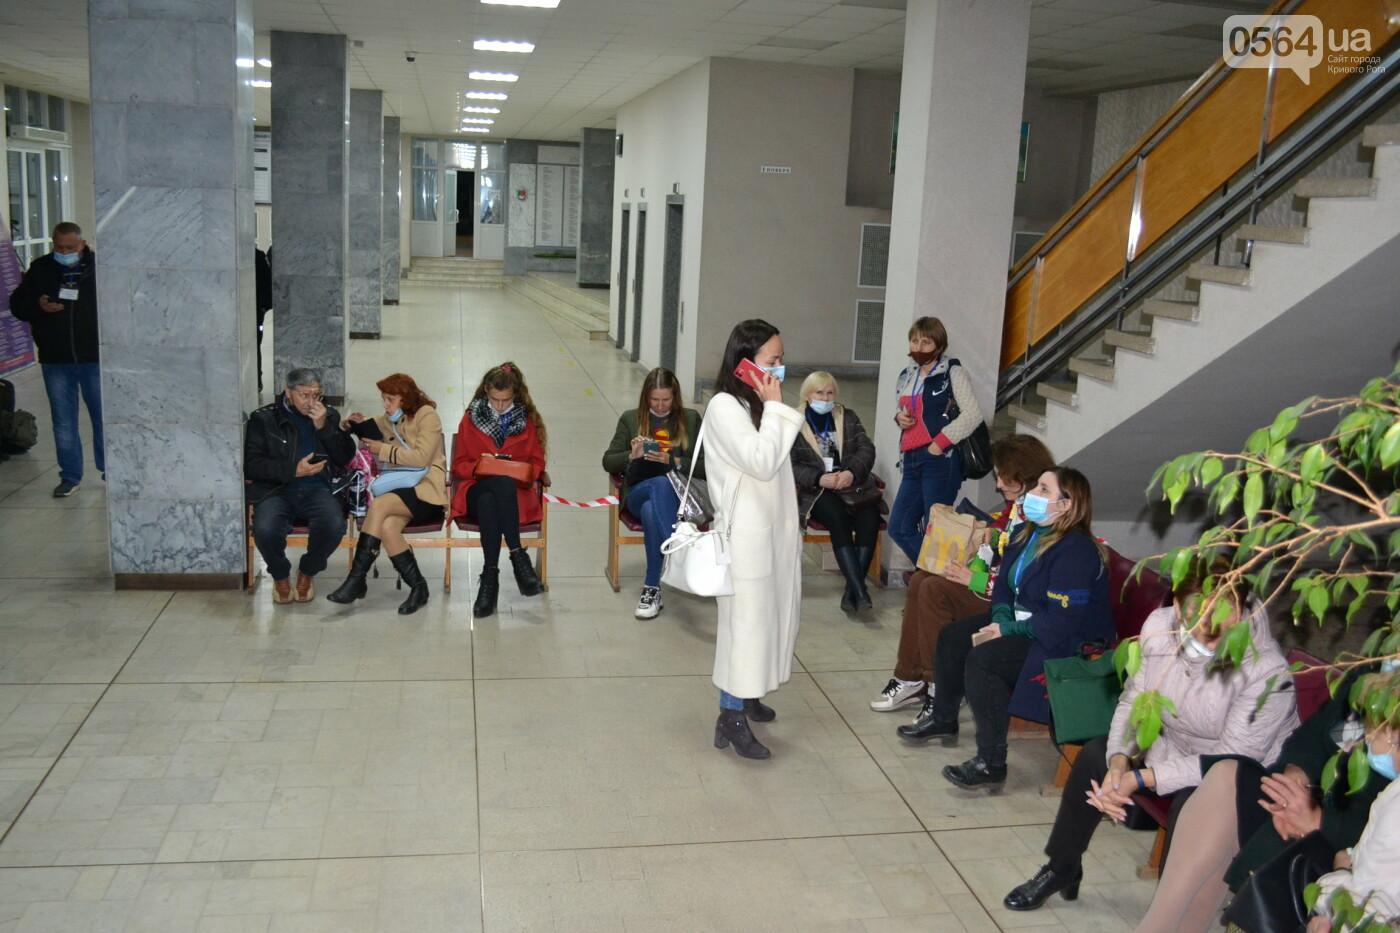 Криворожская ГИК приняла более 72% протоколов по выборам депутатов облсовета, - ФОТО, фото-20